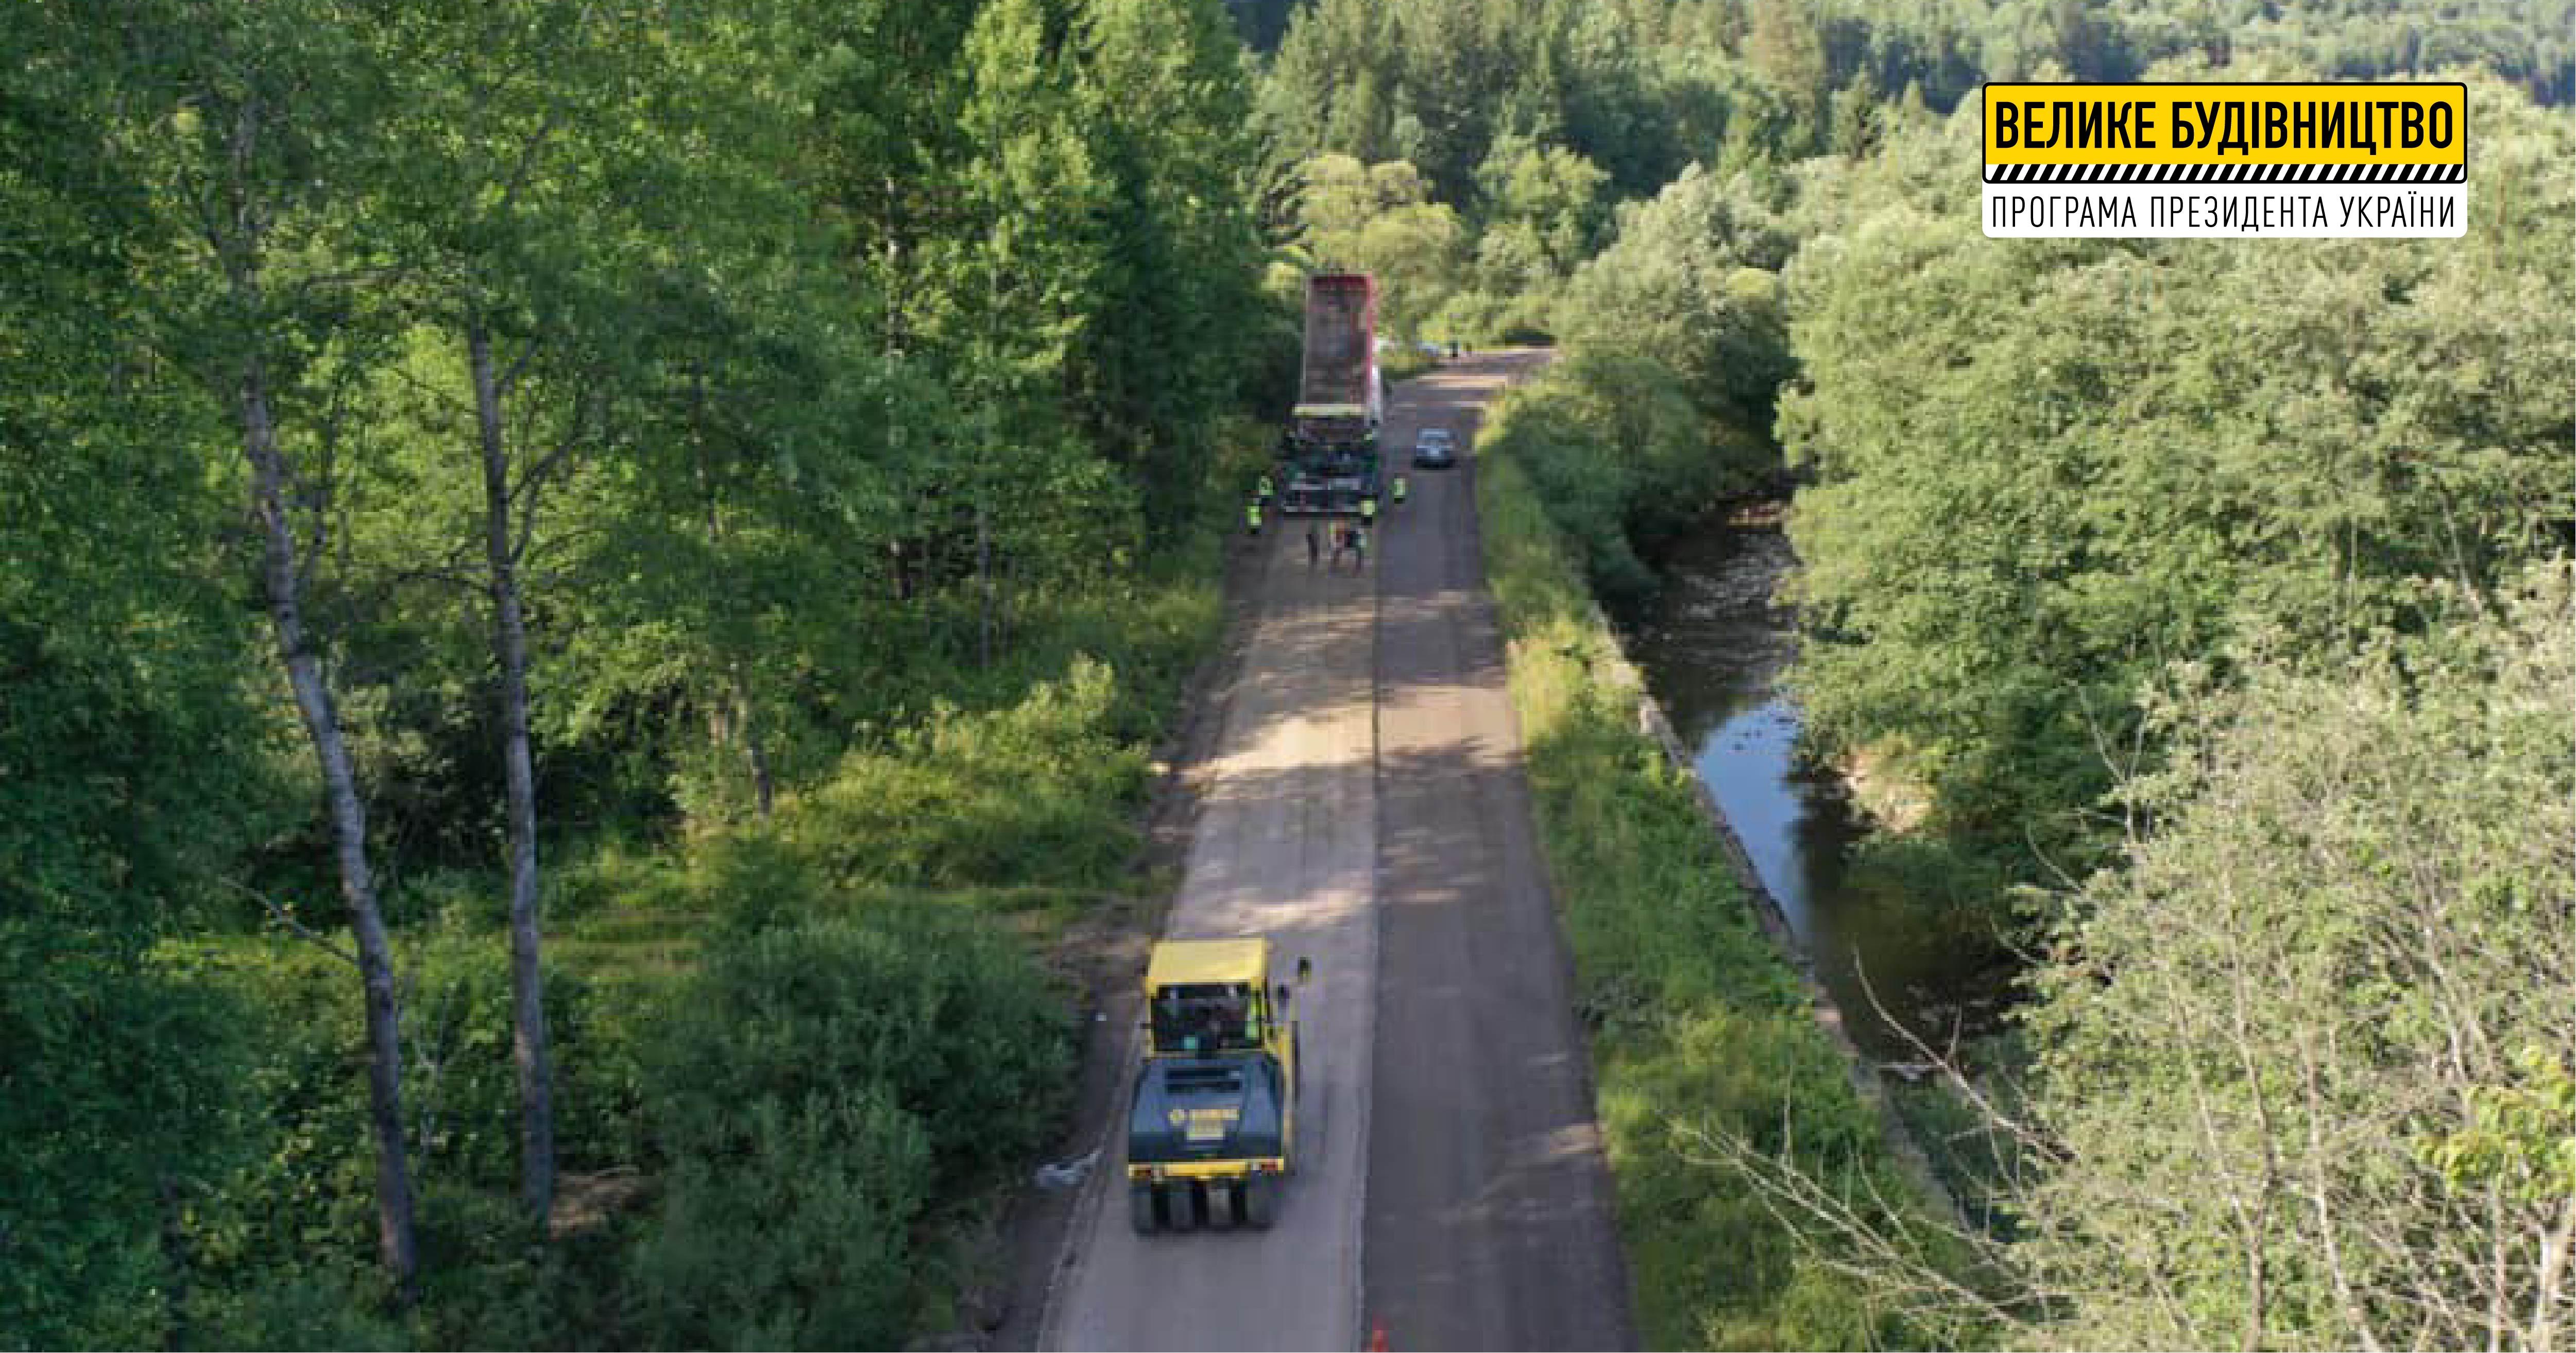 Завдяки «Великому будівництву» дорога Р-21 з'єднає якісним покриттям Закарпаття та Івано-Франківщину